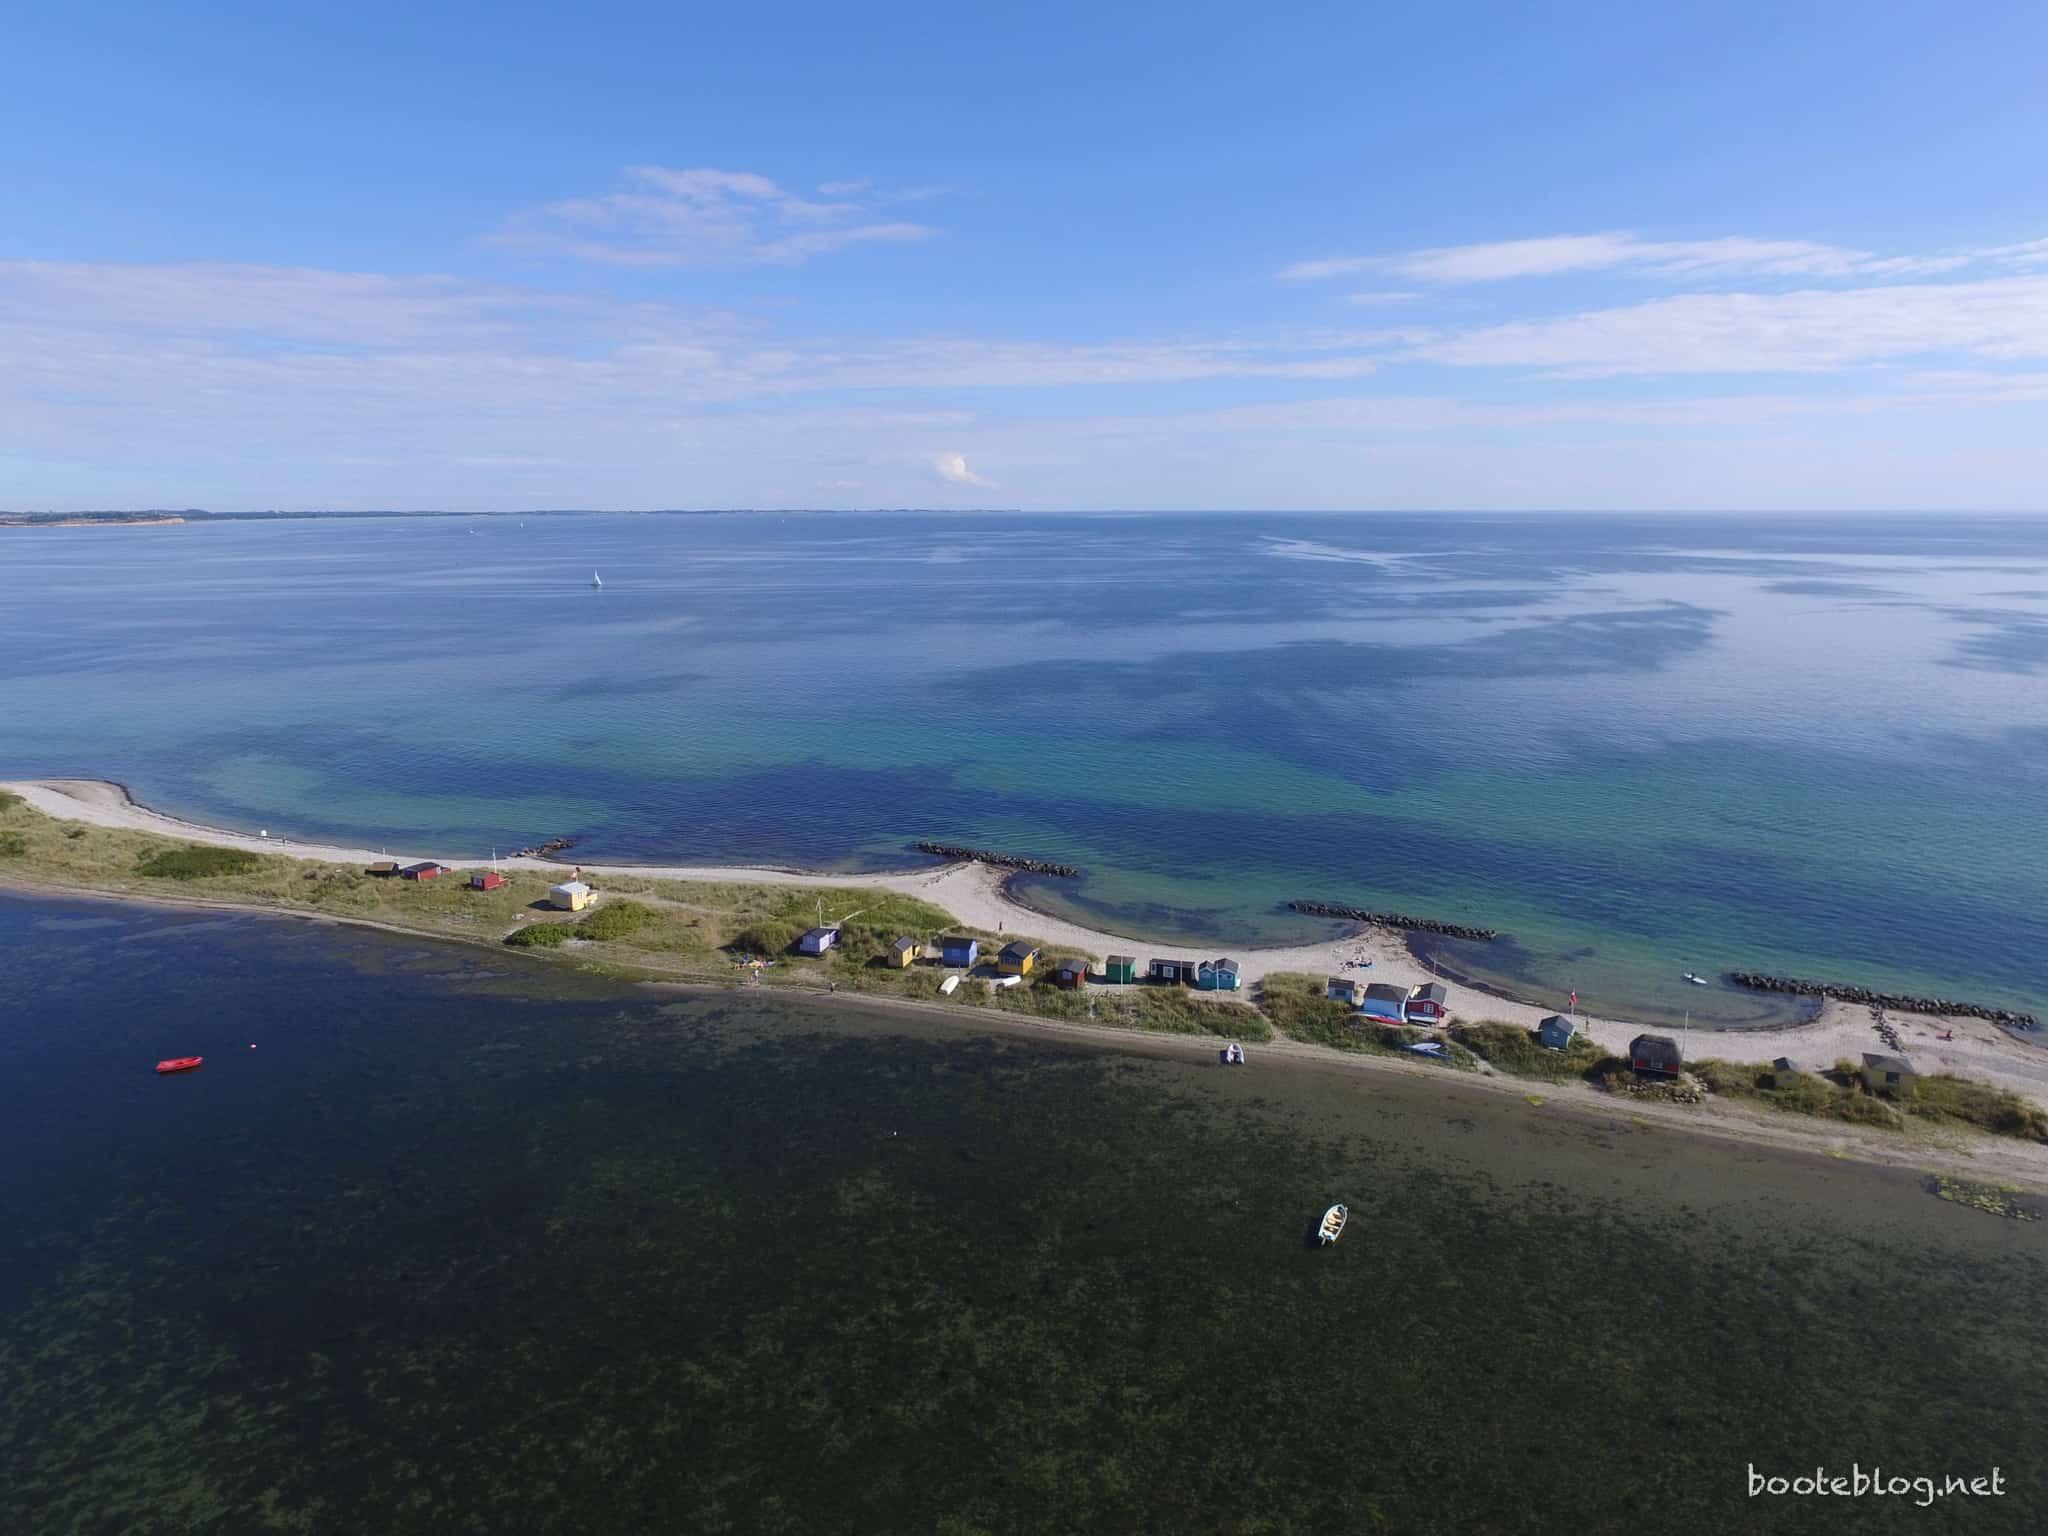 Der Blick zur anderen Seite: Der Strand mit knuffigen Häusern und die Ostsee in Richtung Kiel.